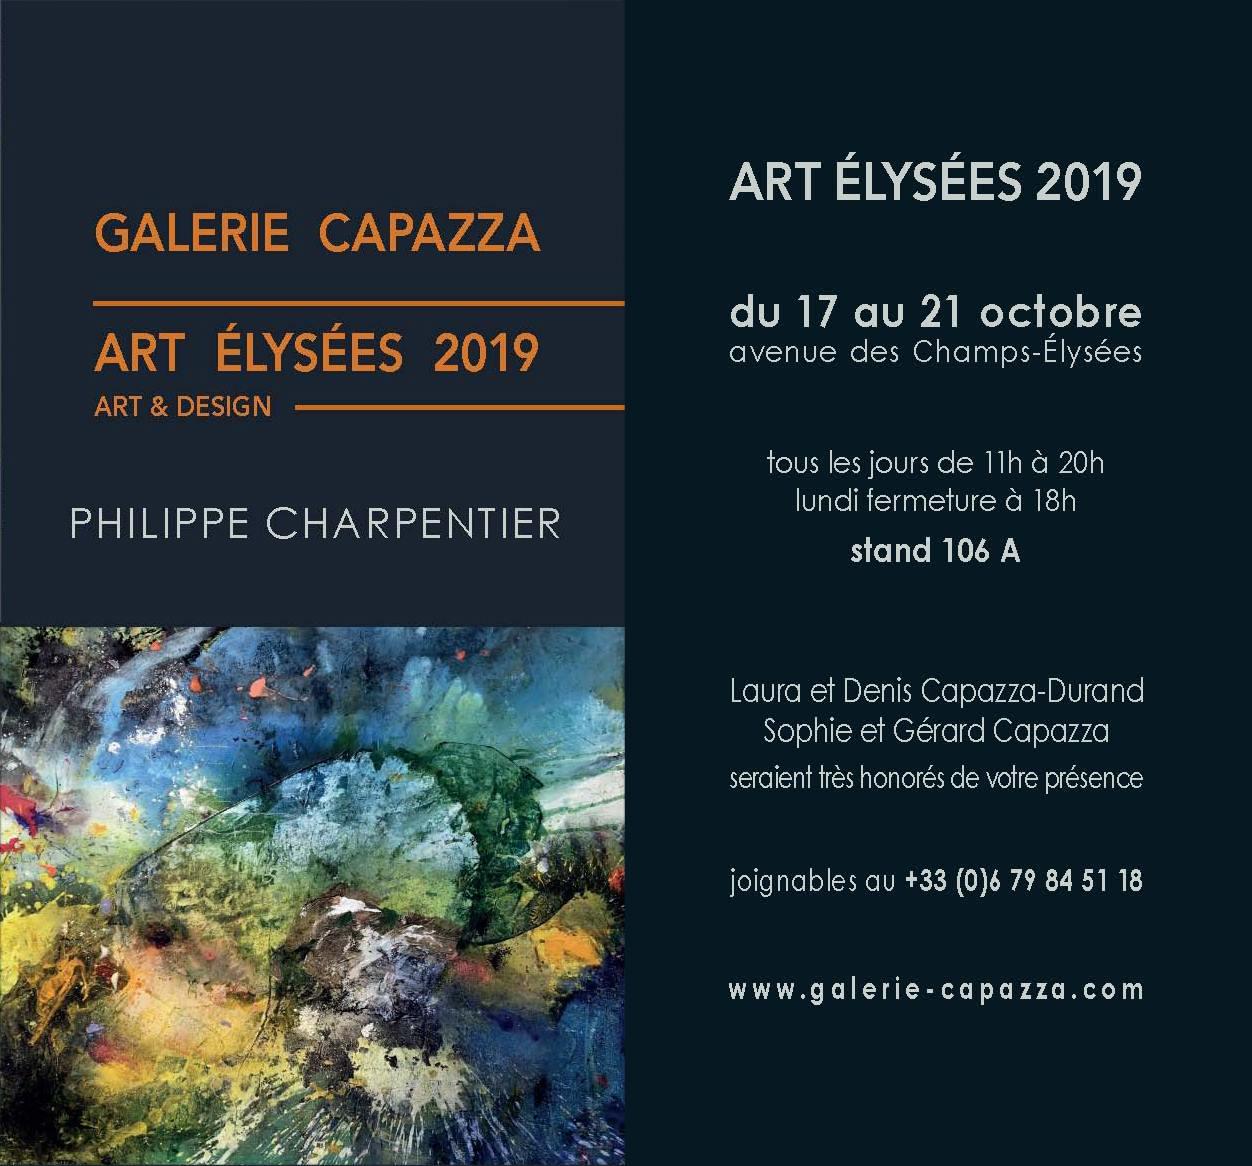 Art Élysées 2019